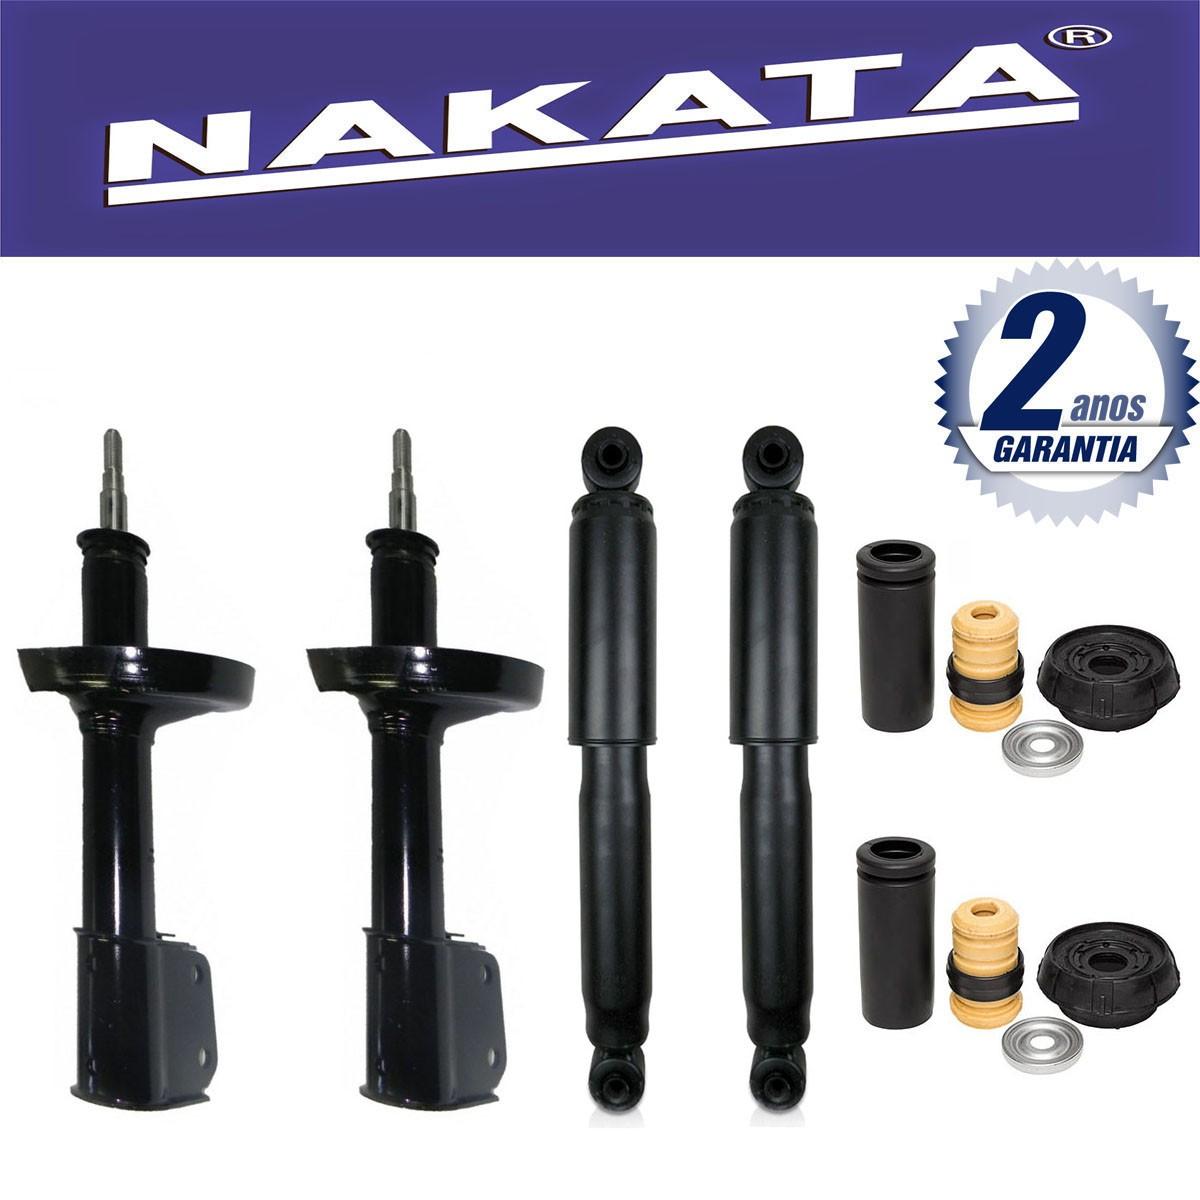 Jogo 04 Amortecedores Nakata Renault Kangoo Furgão 1999 Até 2012 + Kit da Suspensão